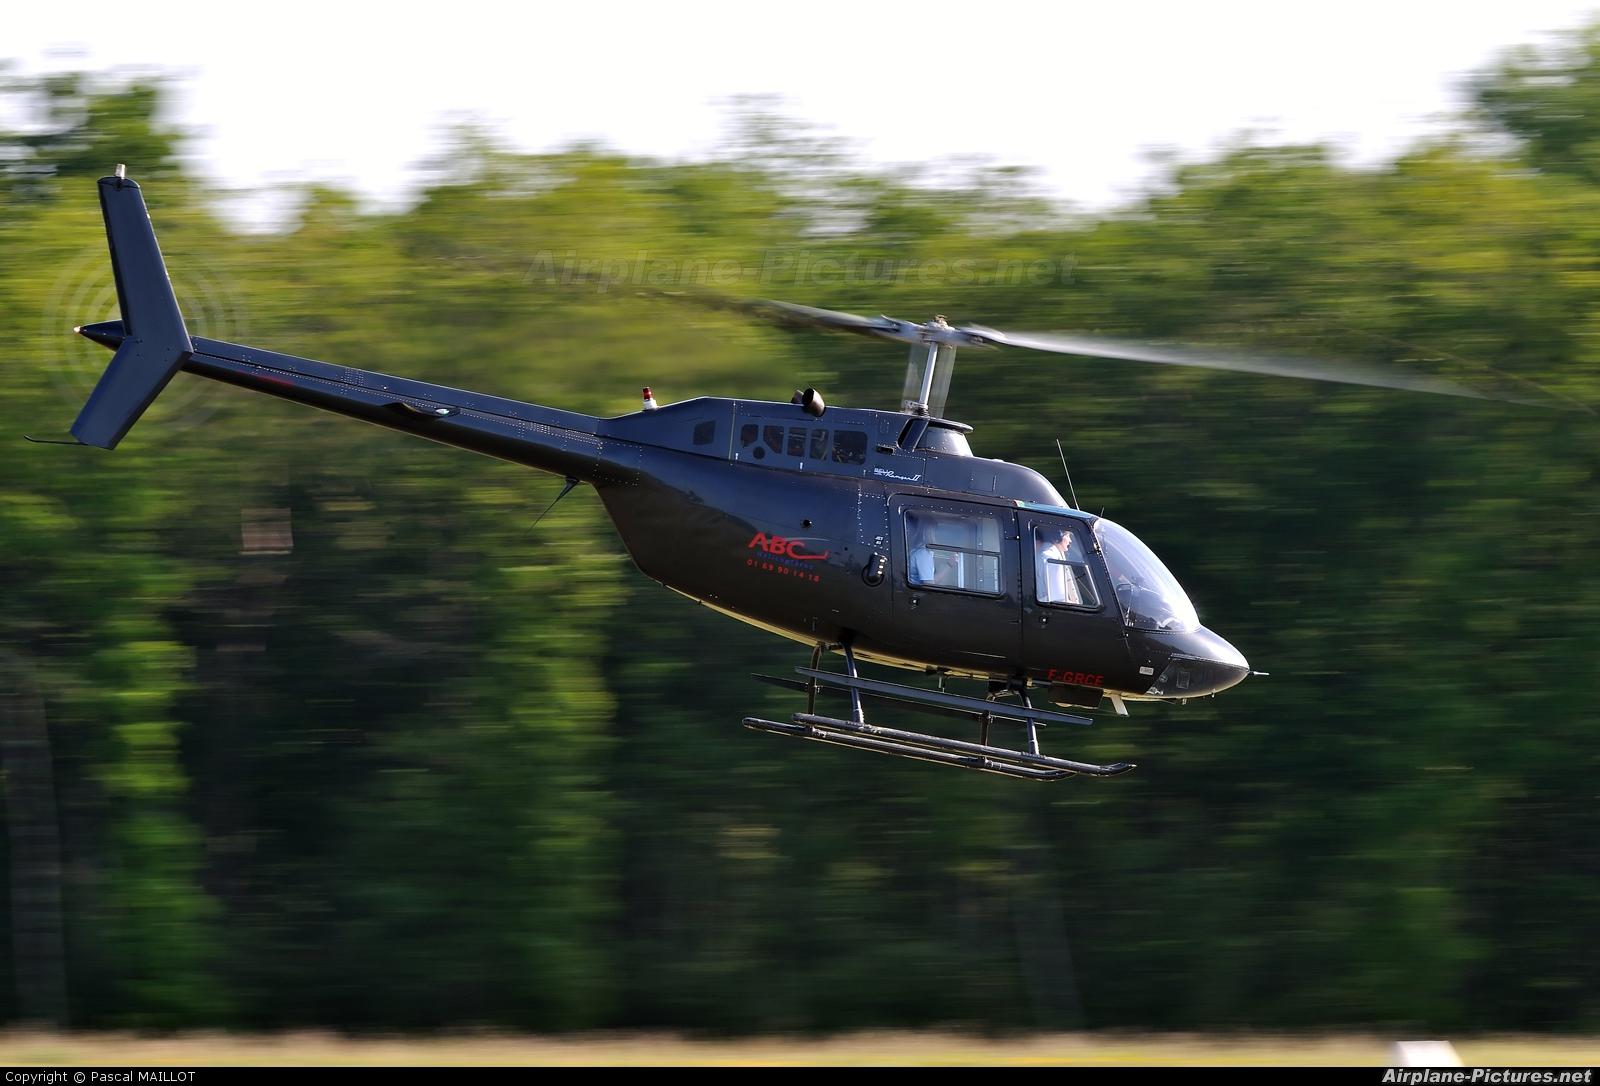 ABC hélicopters F-GRCE aircraft at La Ferté-Alais